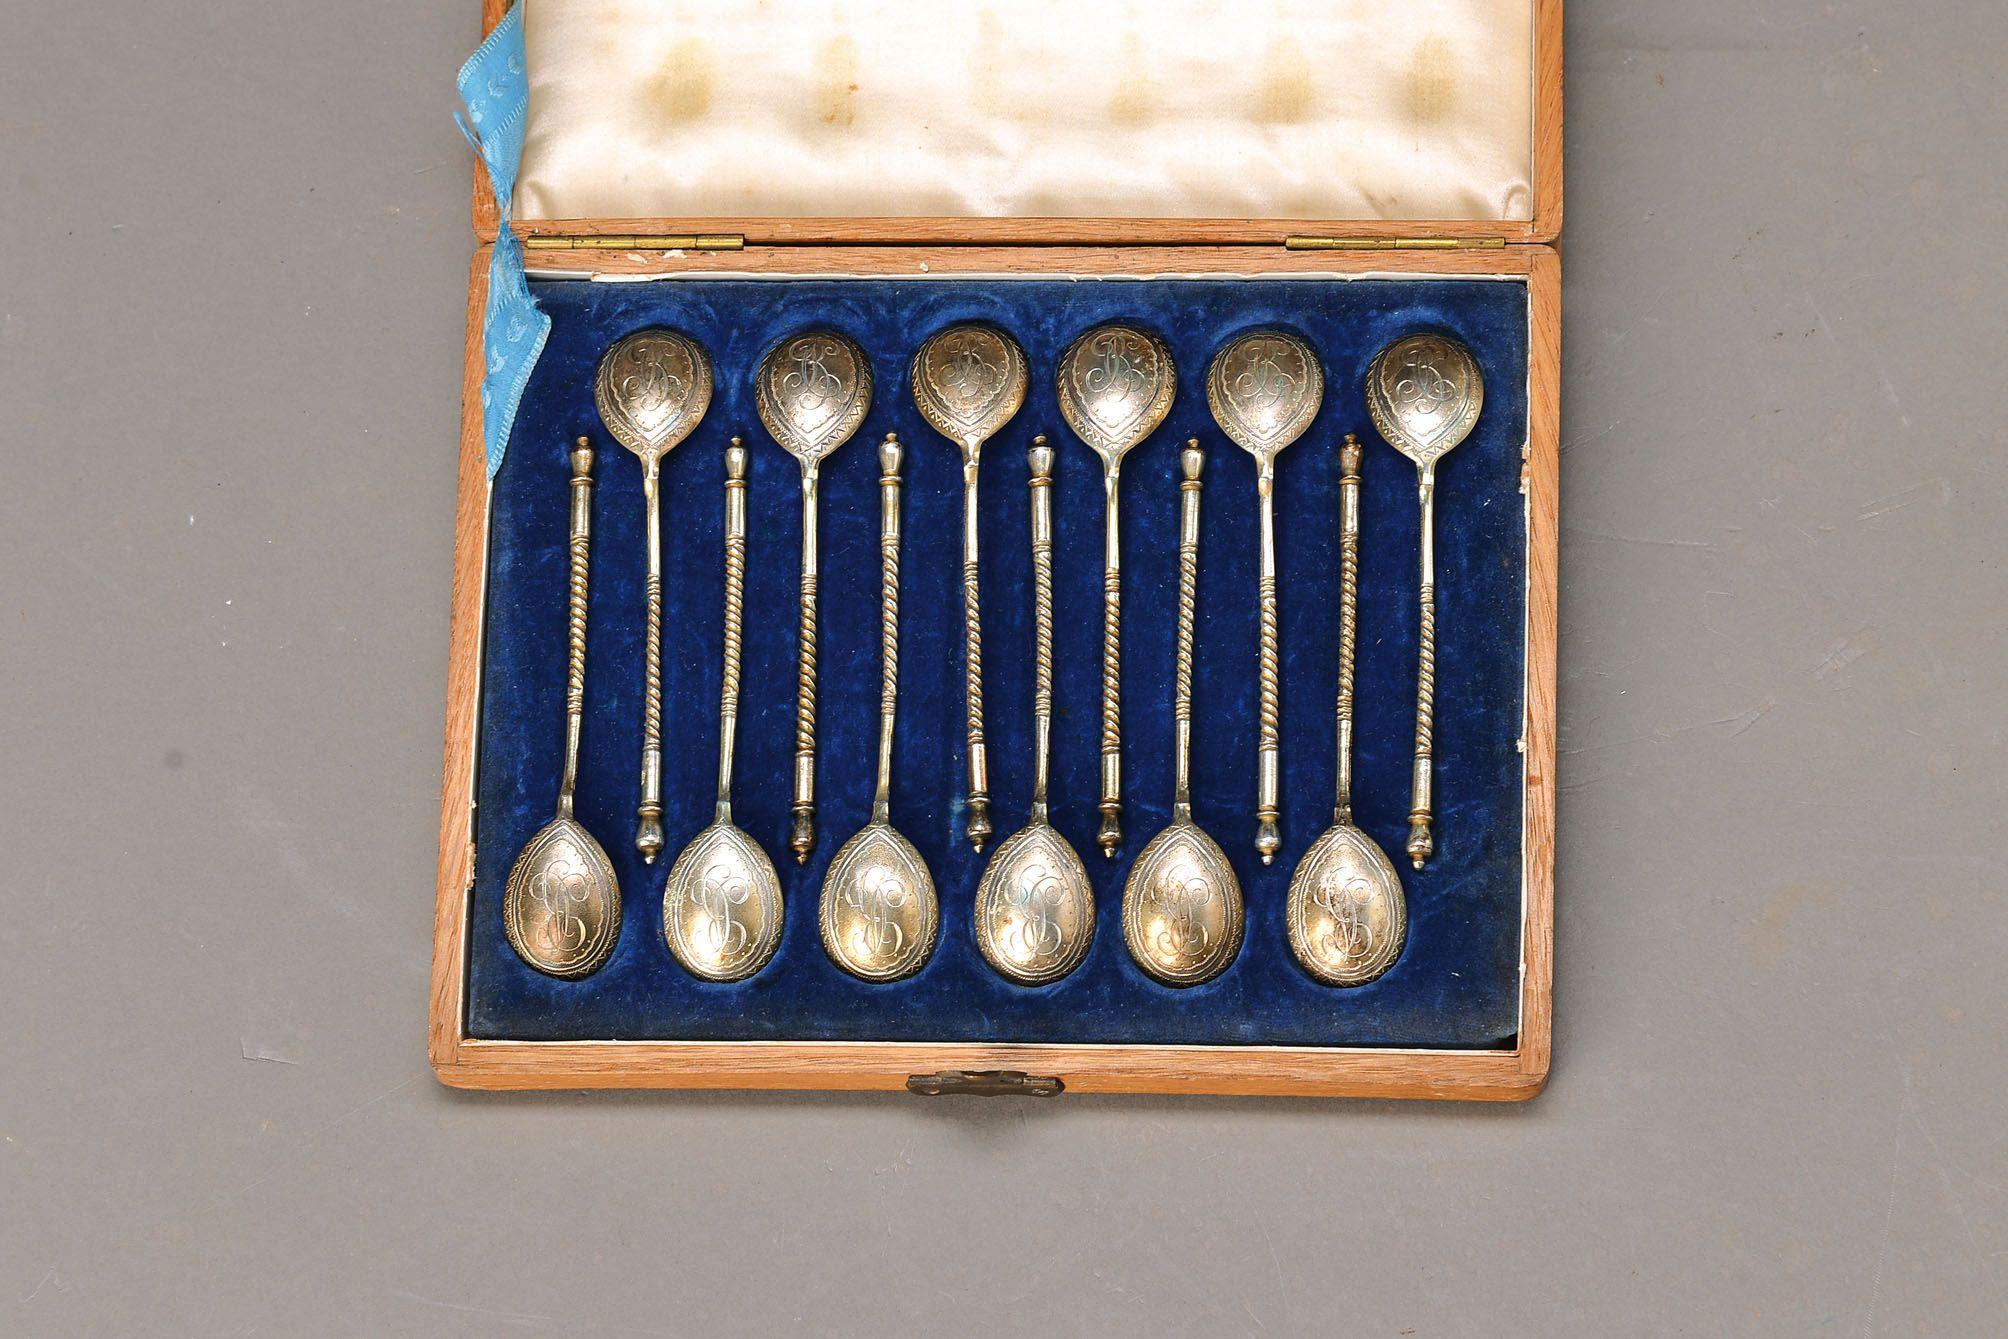 12 Zierlöffelchen, Moskau, datiert 1898, 84er Silber, Besitzermonogramm BC legiert, teilvergoldet, im sog. alt-russischen Stil, im Originalkarton, sehr aufwendig gearbeitet, museal, Meistermarke Na, Gewicht ca. 120g